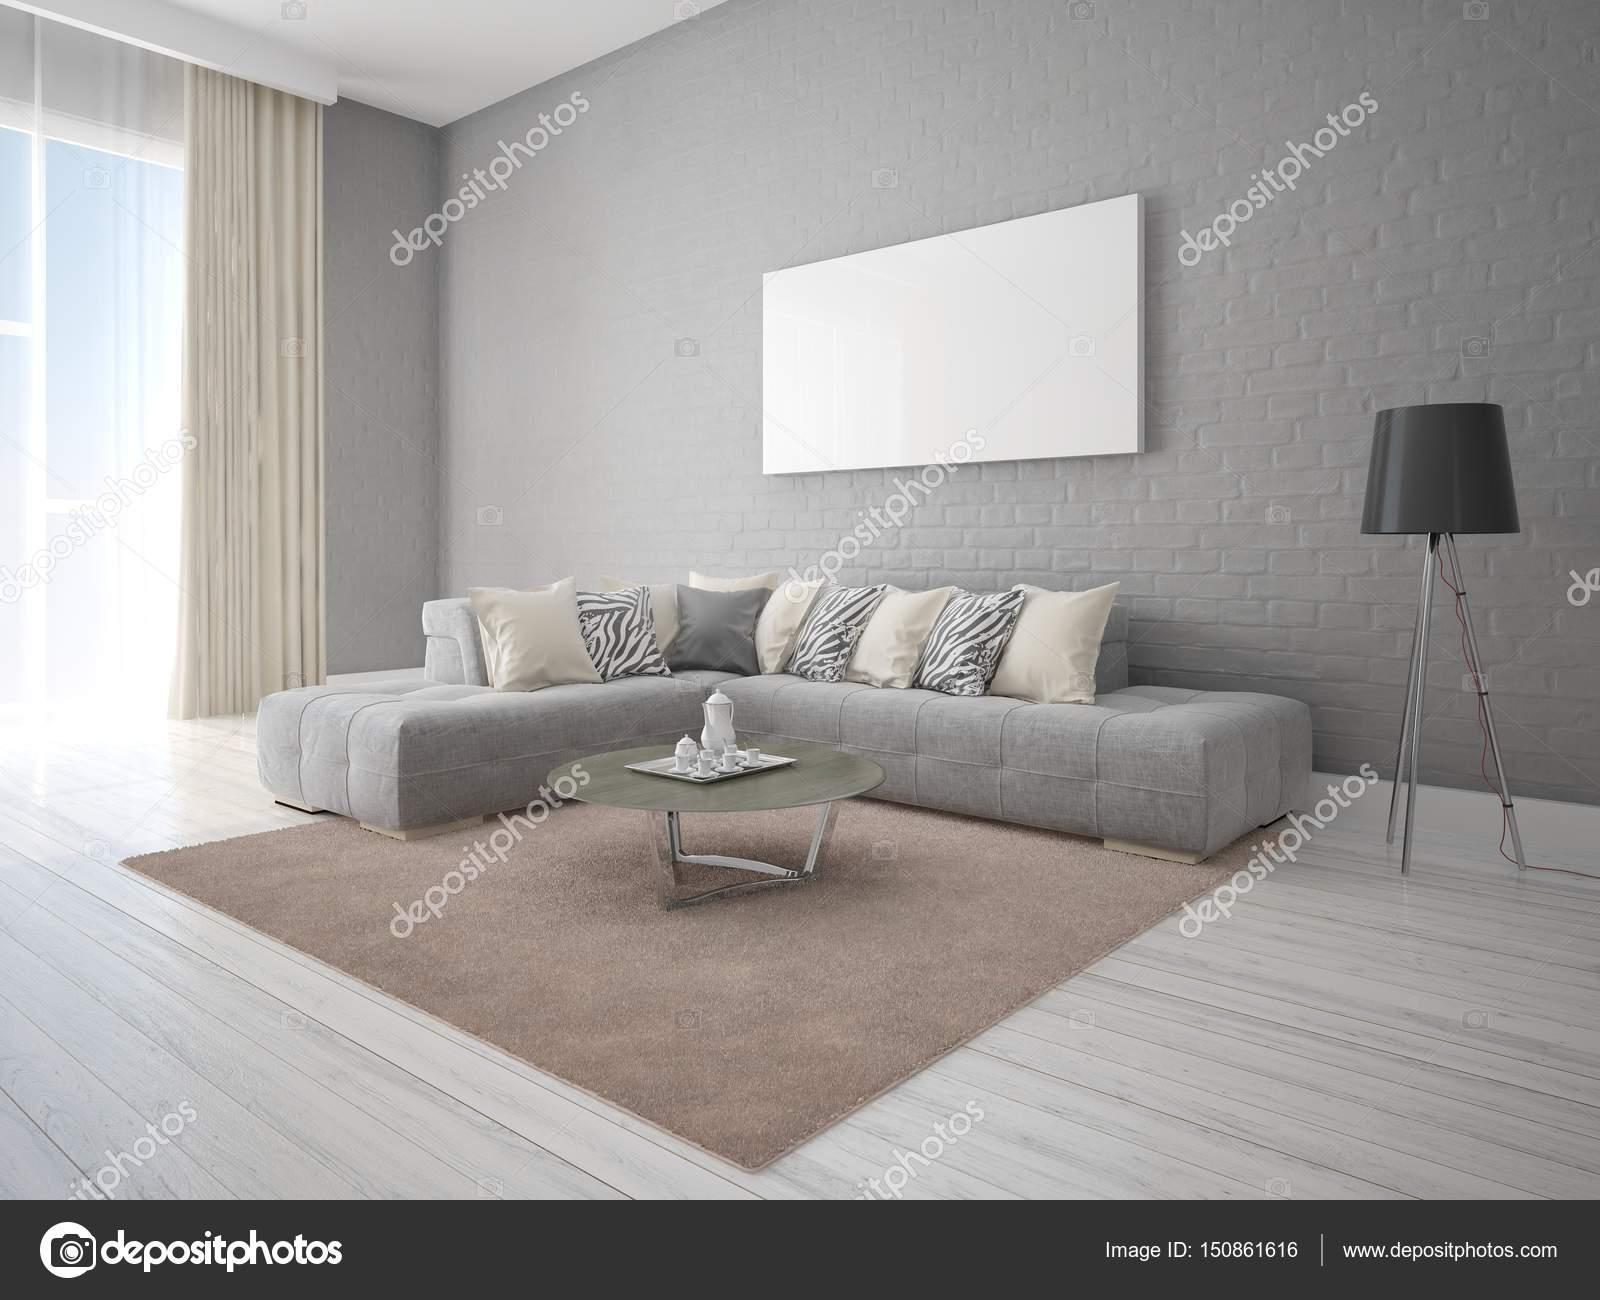 Exklusiv Sofa mock up in einem stilvollen wohnzimmer mit eine exklusive sofa